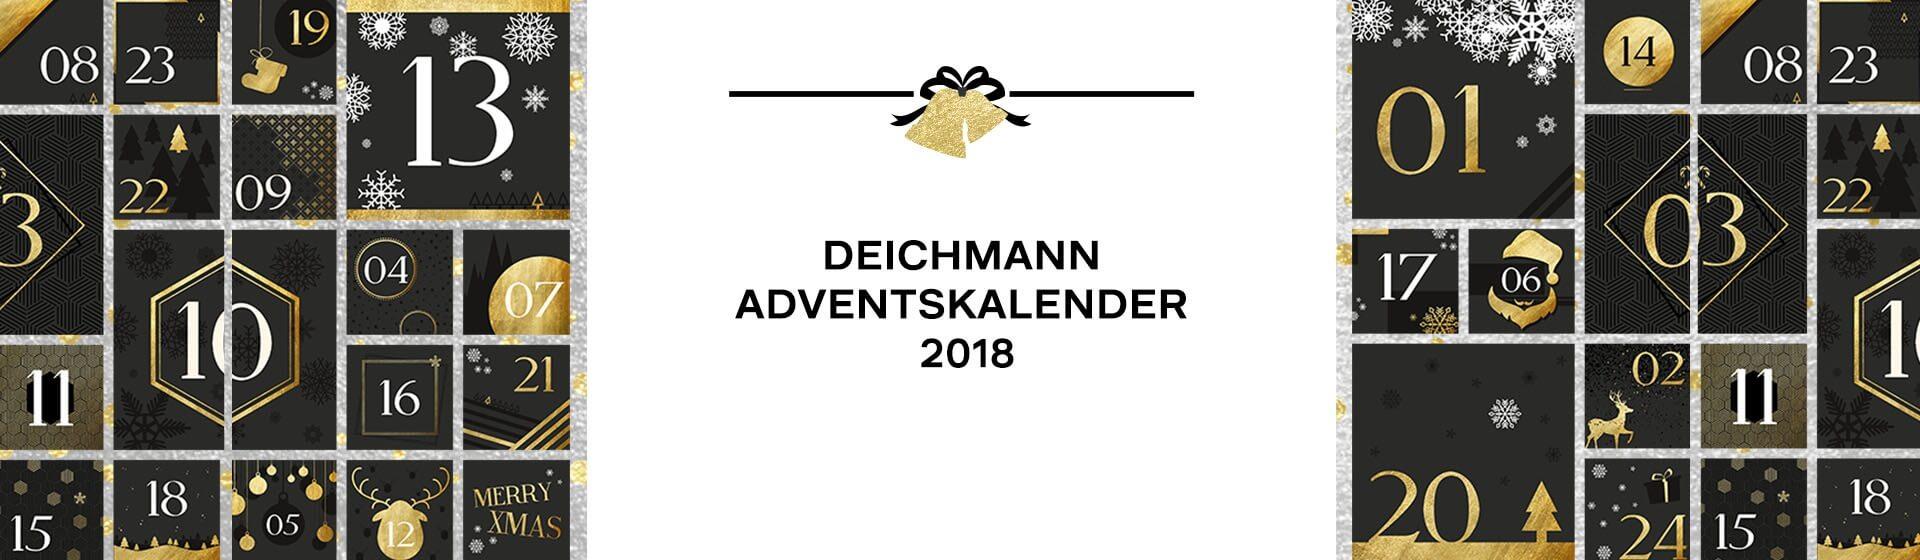 Deichmann Adventskalender 2018